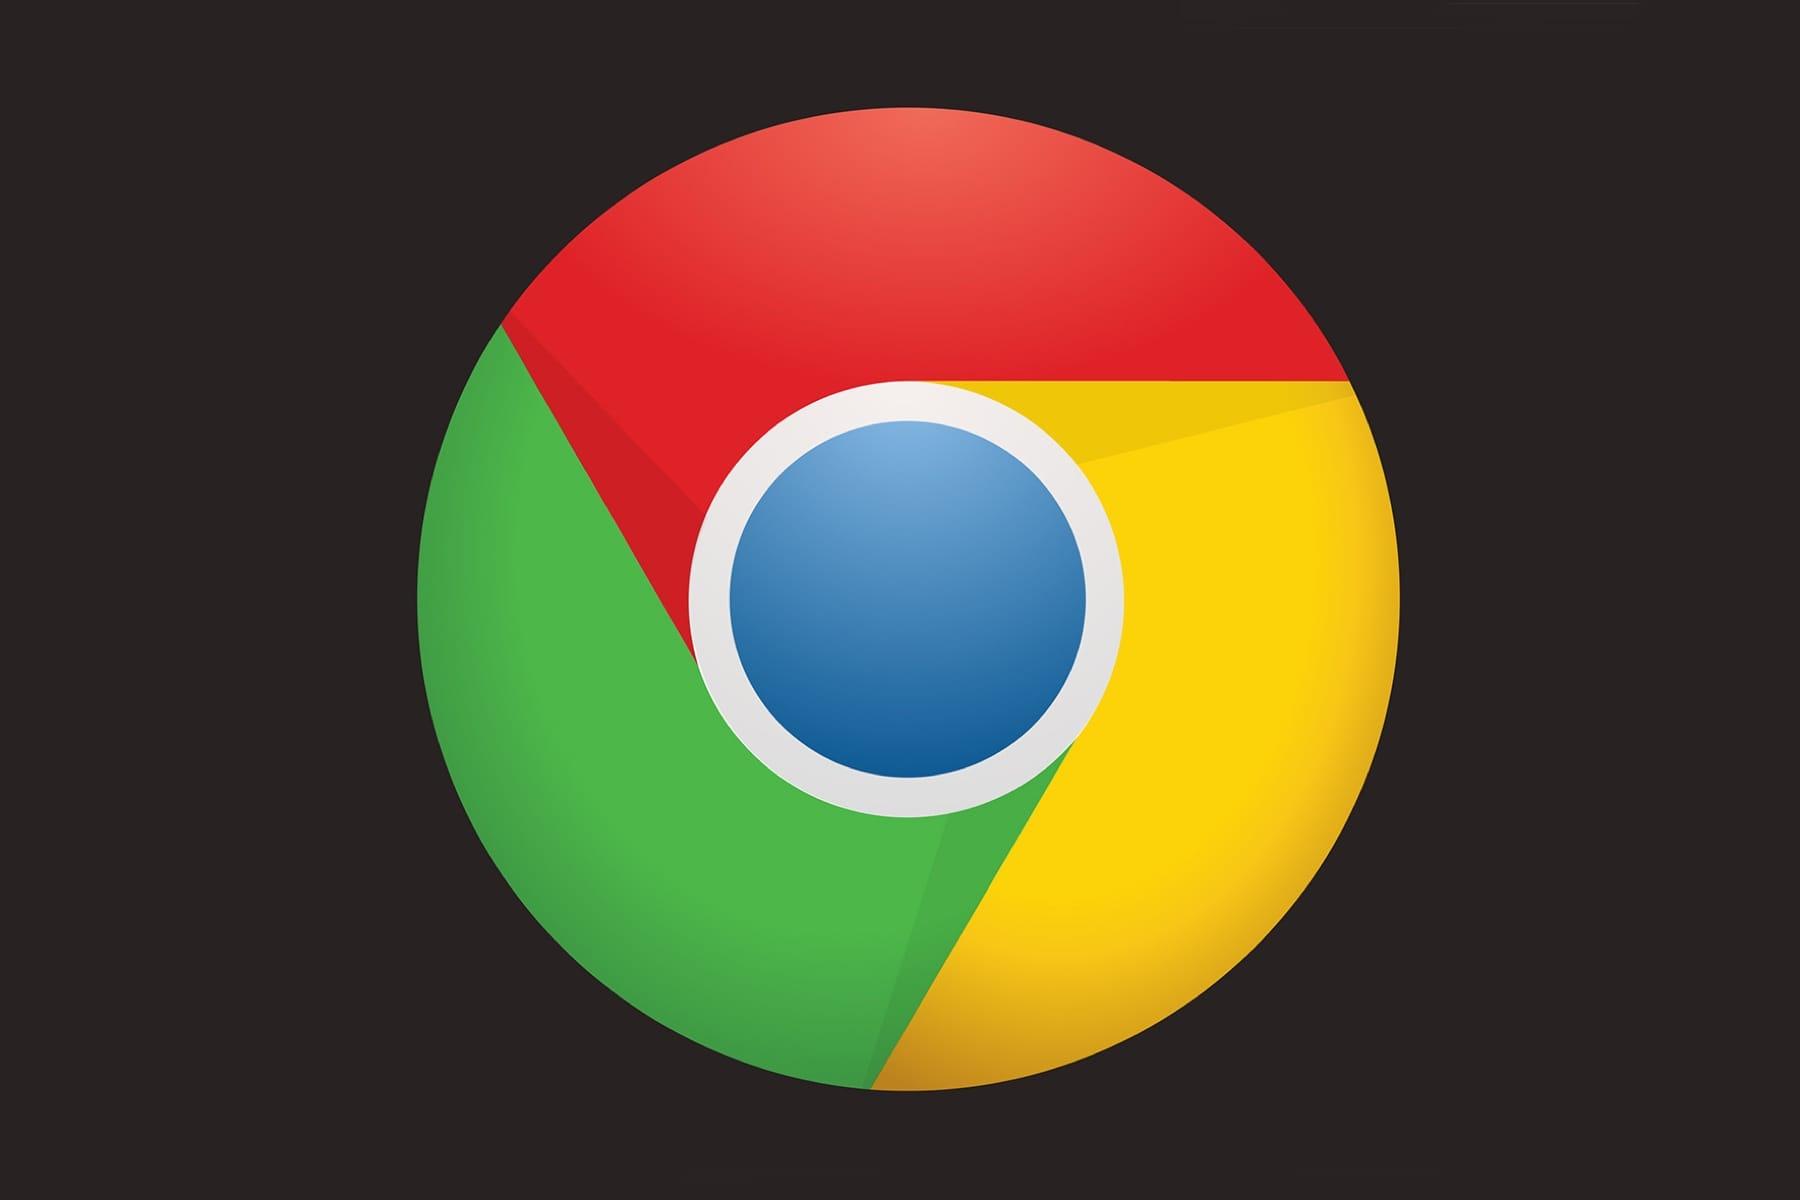 Microsoft создали неповторимую веб-защиту для известного браузера